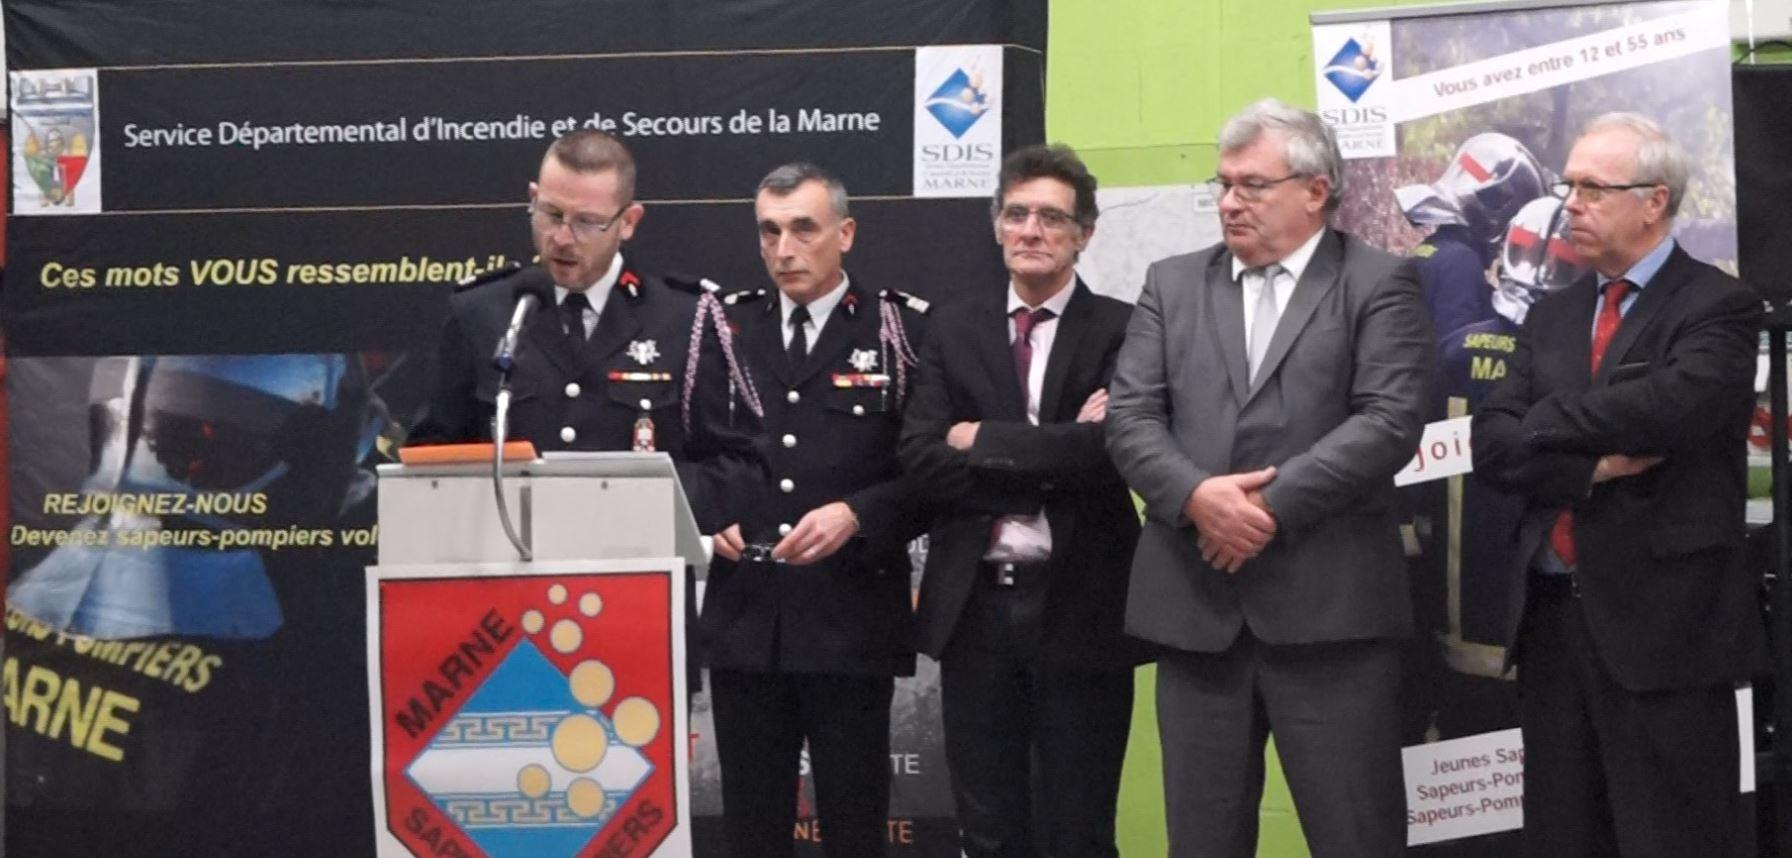 De gauche à droite : Pascal Briand accueille pour cette cérémonie, Jean-Marc Paris, Michel Courteaux, Christian Bruyen et Patrick Desautels.